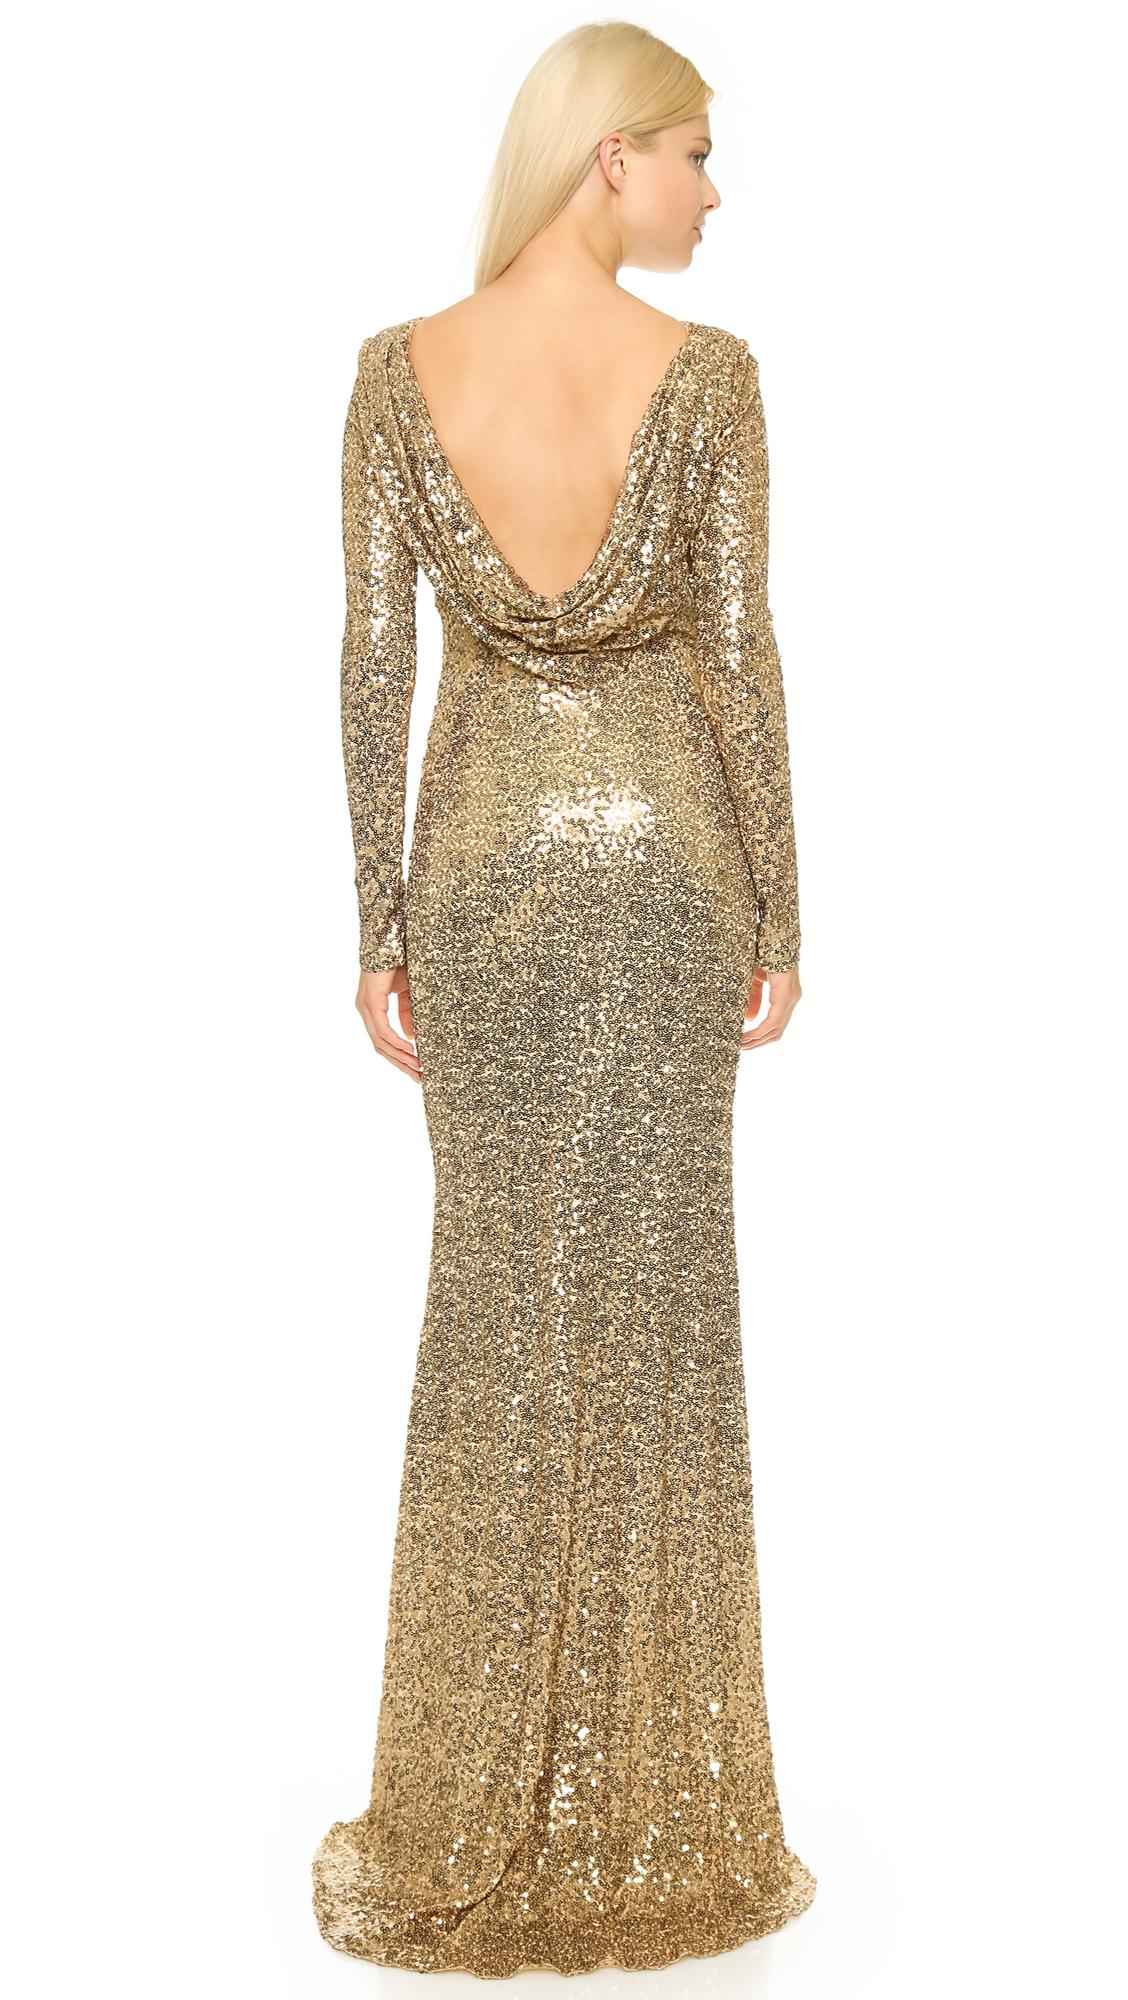 Badgley Mischka Long Sleeve Sequin Gown Gold In Metallic